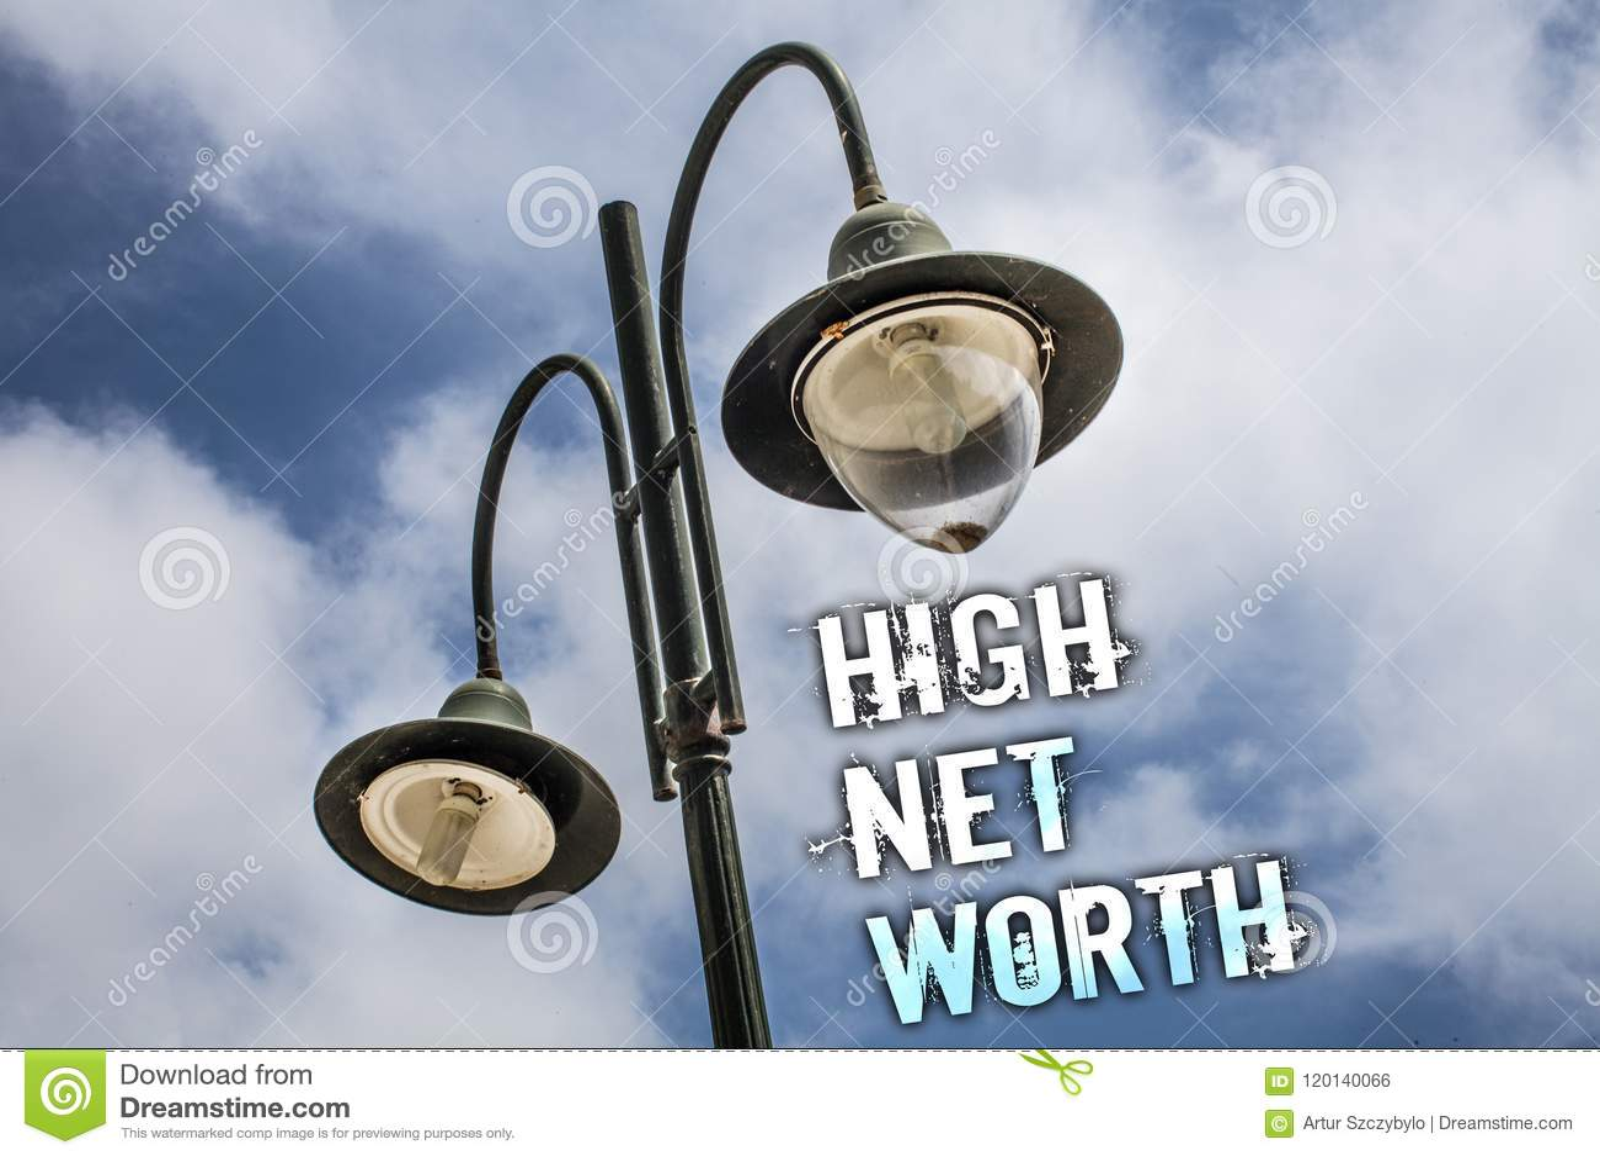 Signe des textes montrant la valeur nette élevée Photo conceptuelle ayant de haute valeur quelque chose enl classe un cher de cie